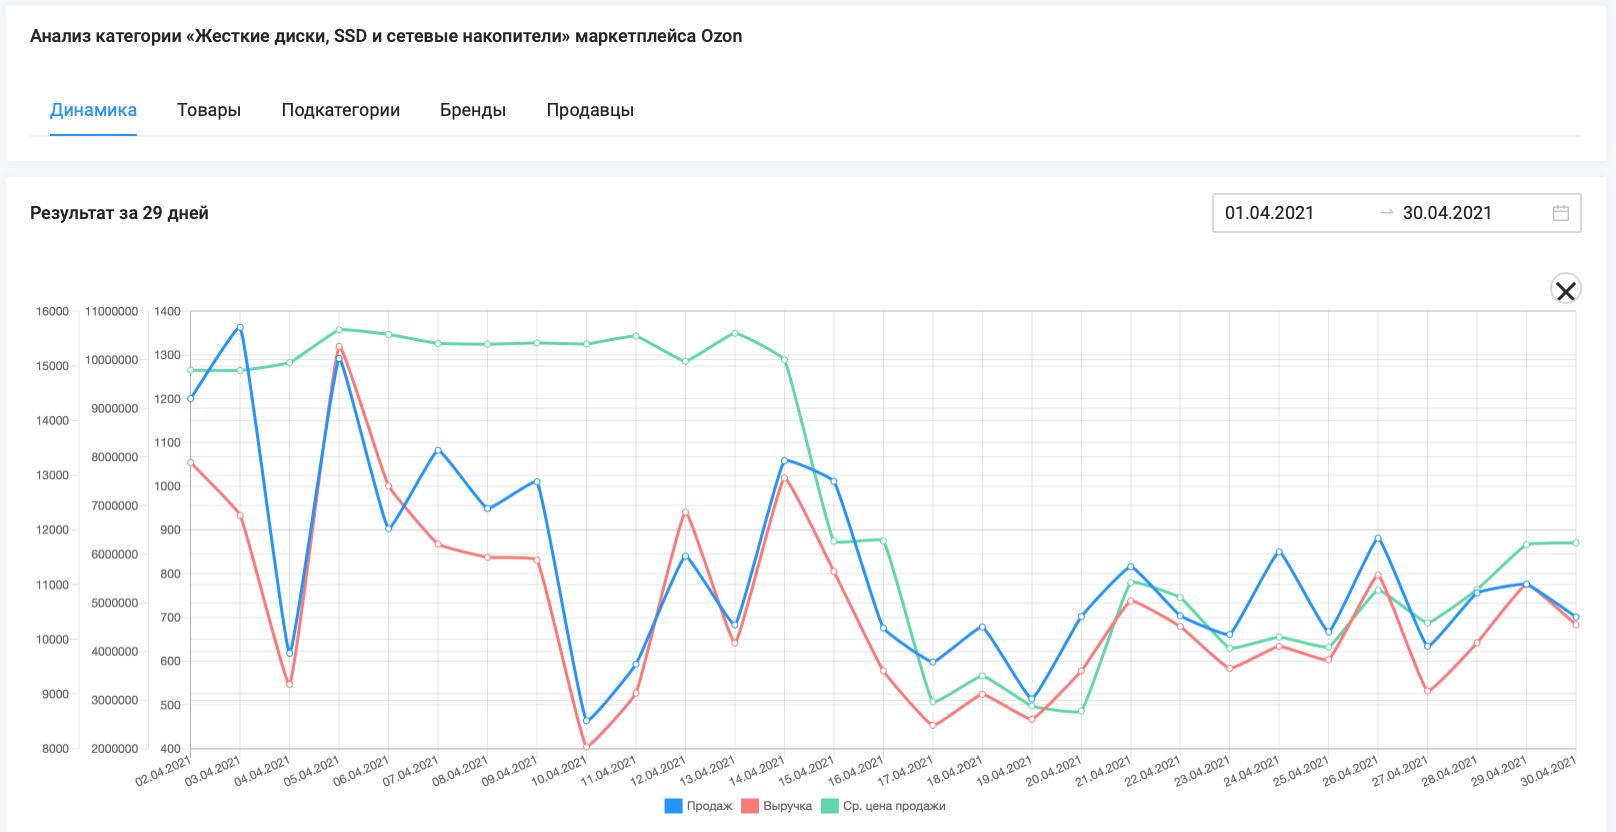 """Данные объема продаж, выручки и средней стоимости товаров категории """"Жесткие диски, SSD и сетевые накопители"""" маркетплейса Ozon, период 1.04 - 30.04.21, данные сервиса аналитики SellerFox"""